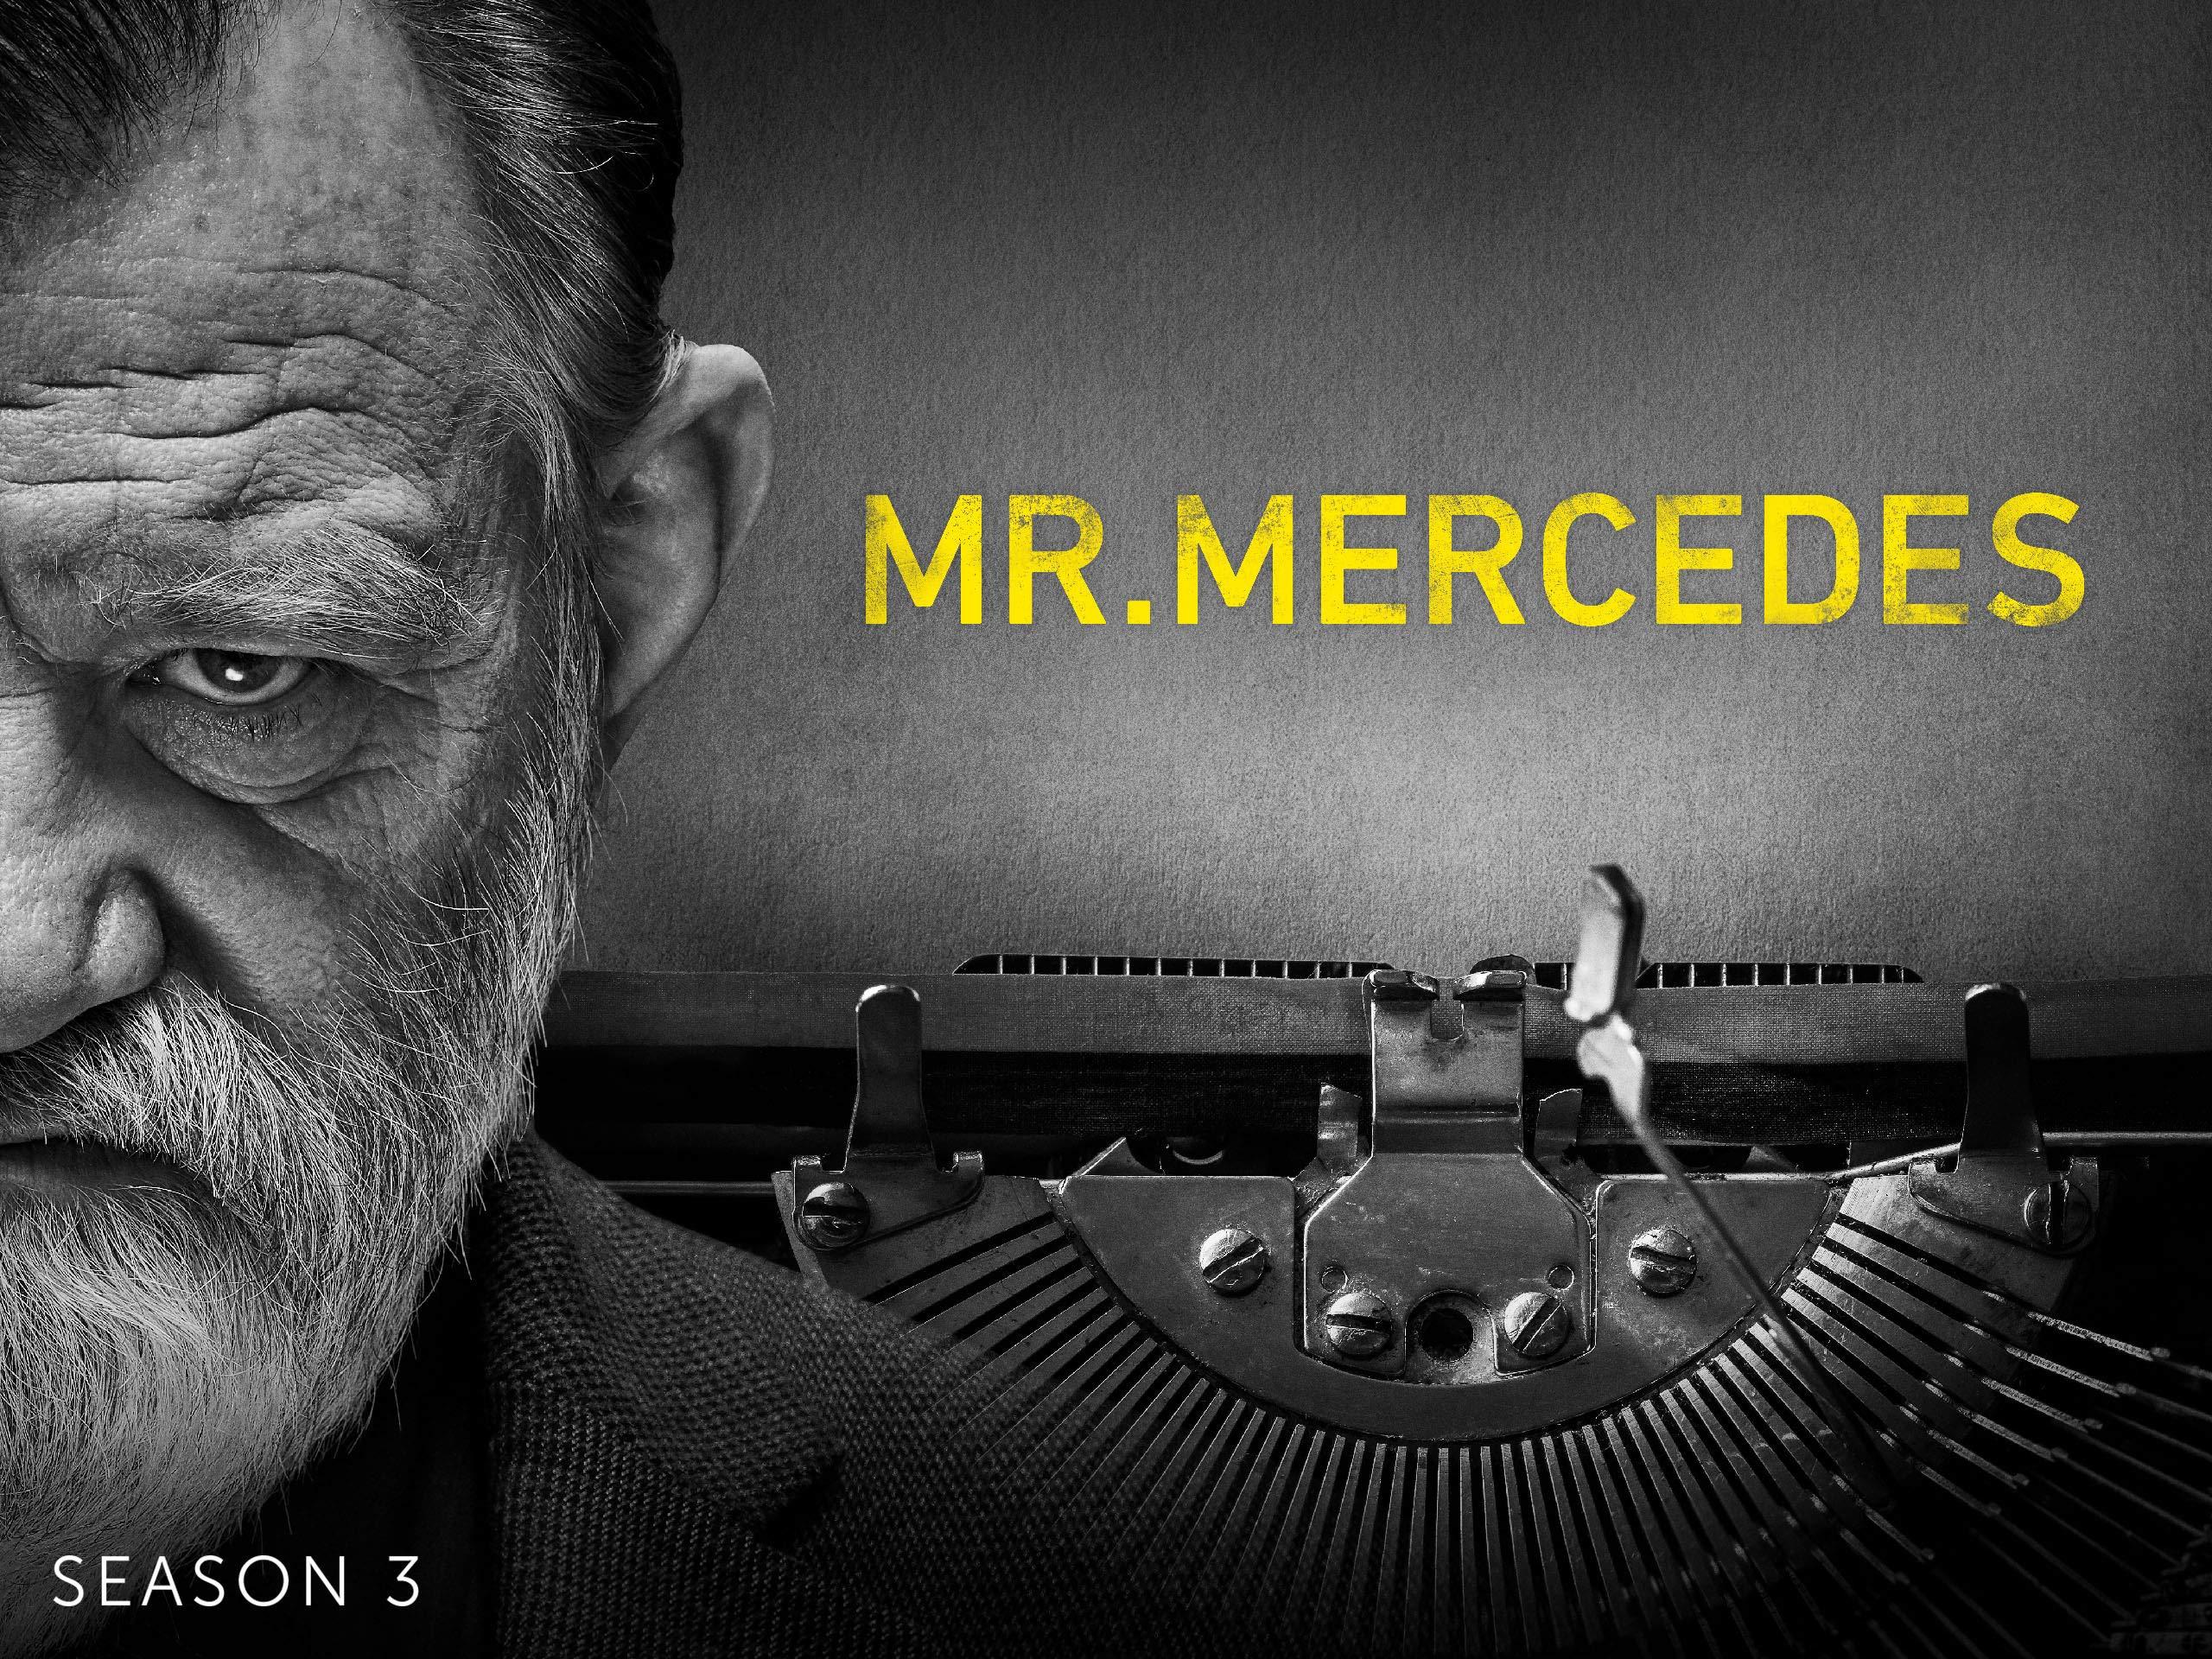 Resultado de imagem para mr. mercedes season 3 poster